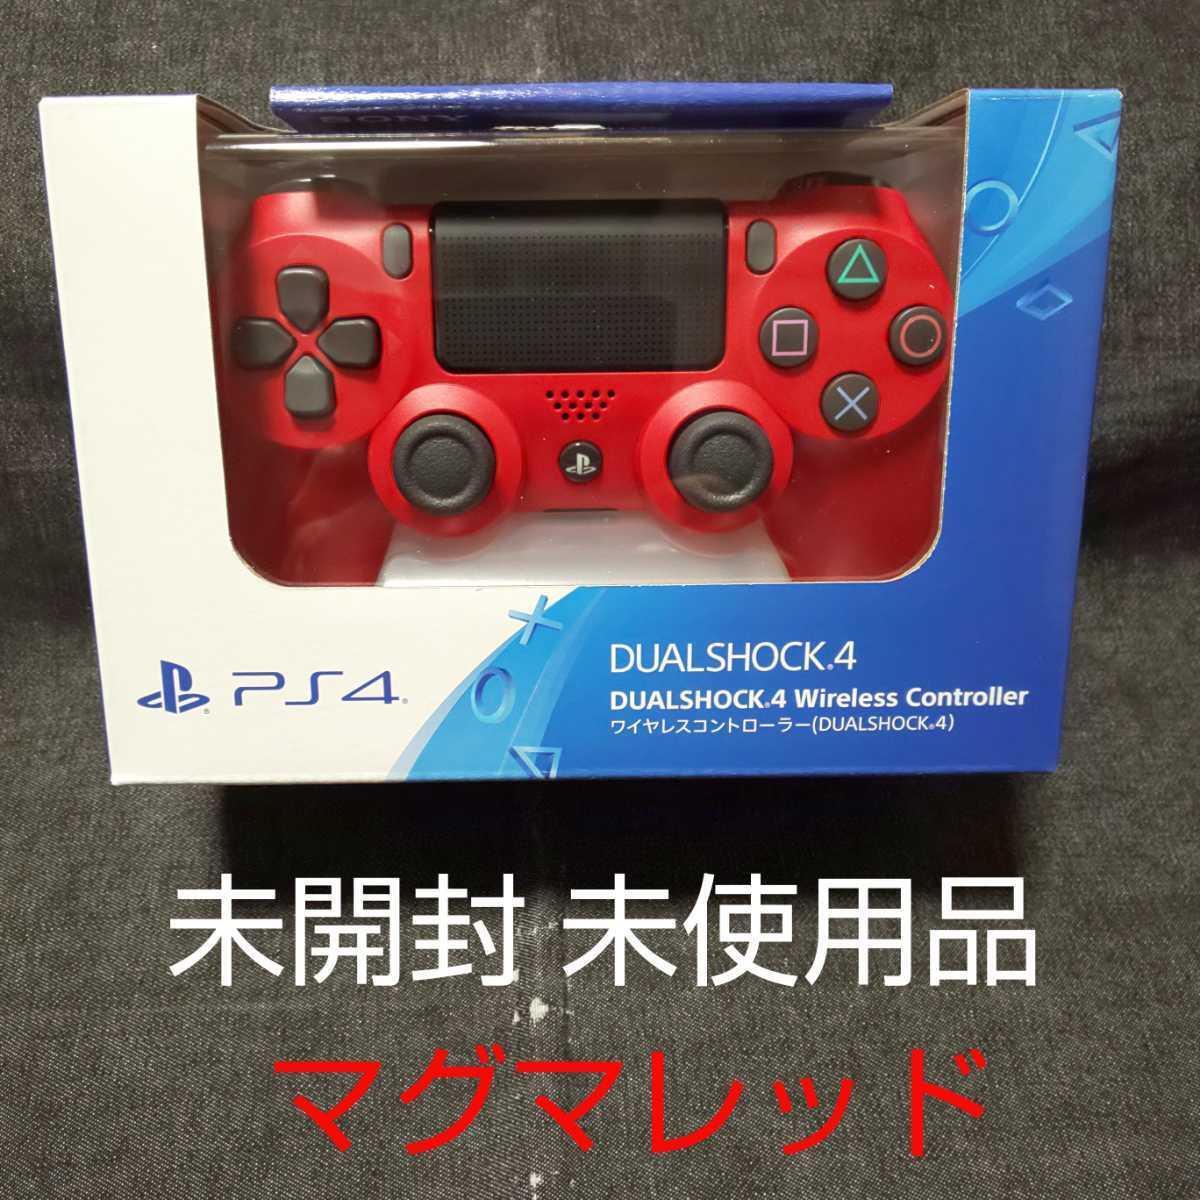 【未開封未使用】SONY PS4 ワイヤレスコントローラー DUALSHOCK 4 マグマレッド (CUH-ZCT2J11)